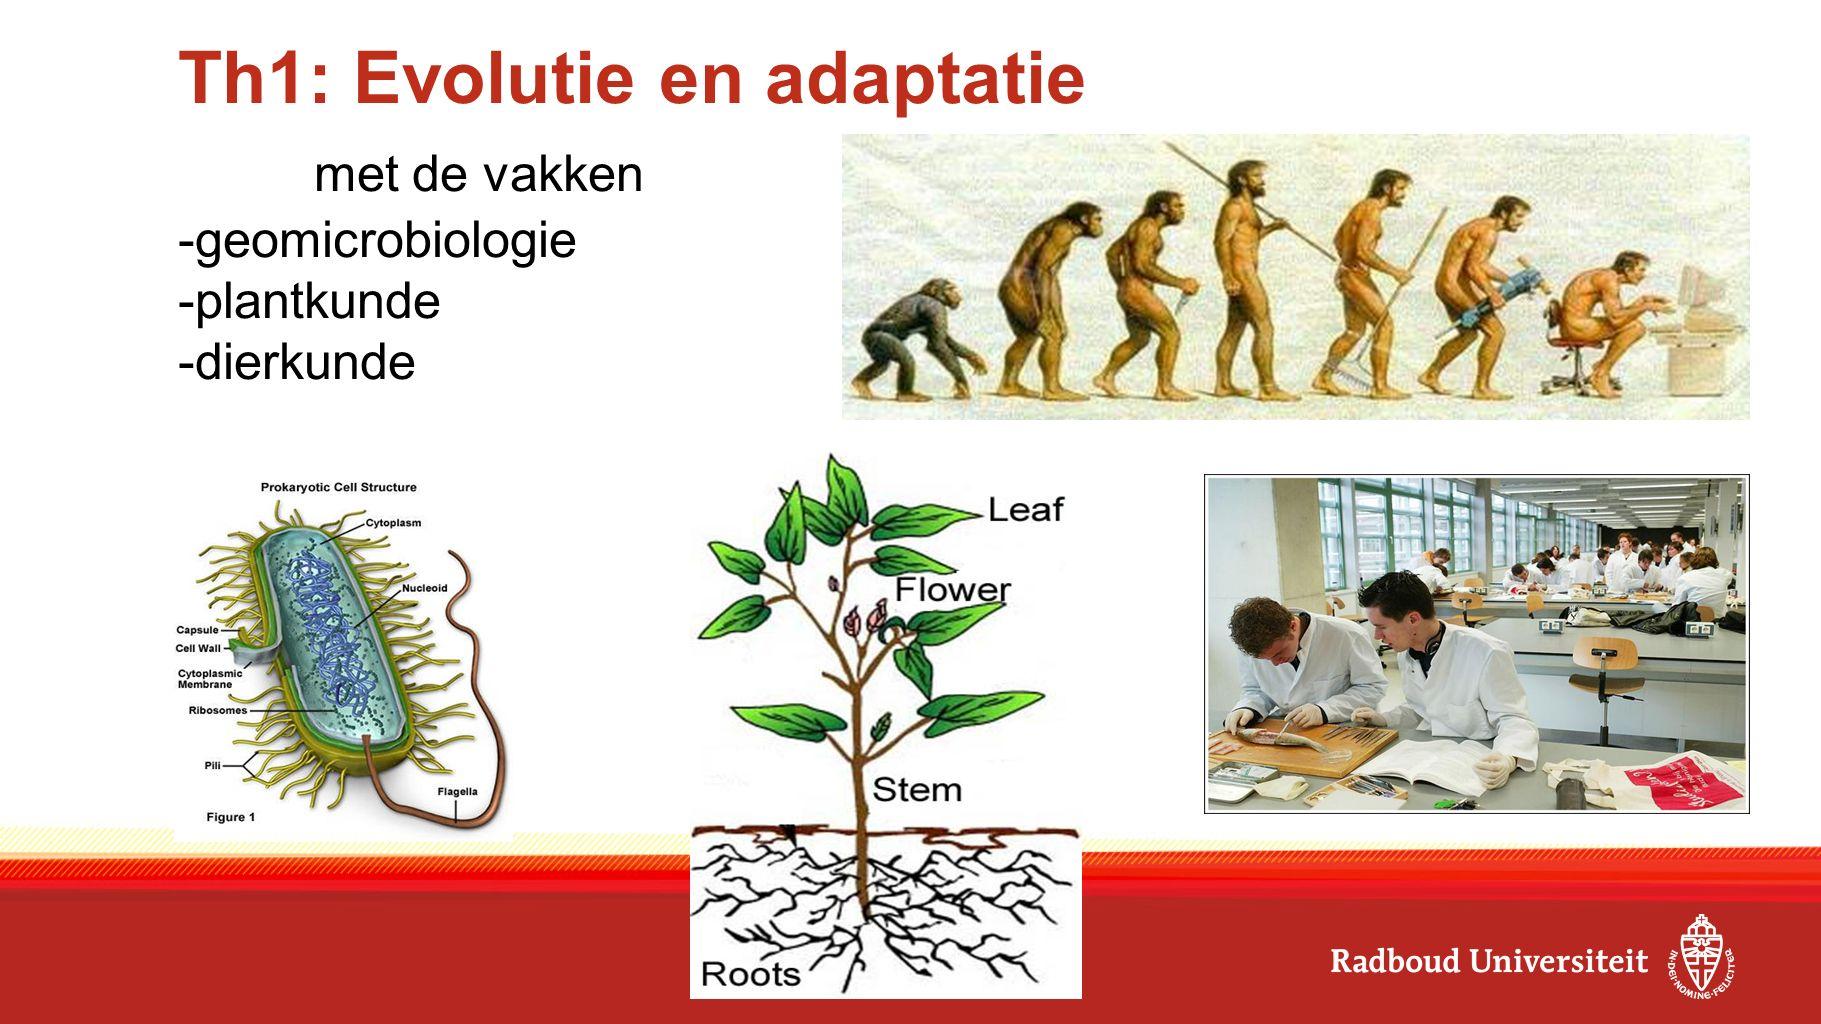 Th1: Evolutie en adaptatie met de vakken -geomicrobiologie -plantkunde -dierkunde